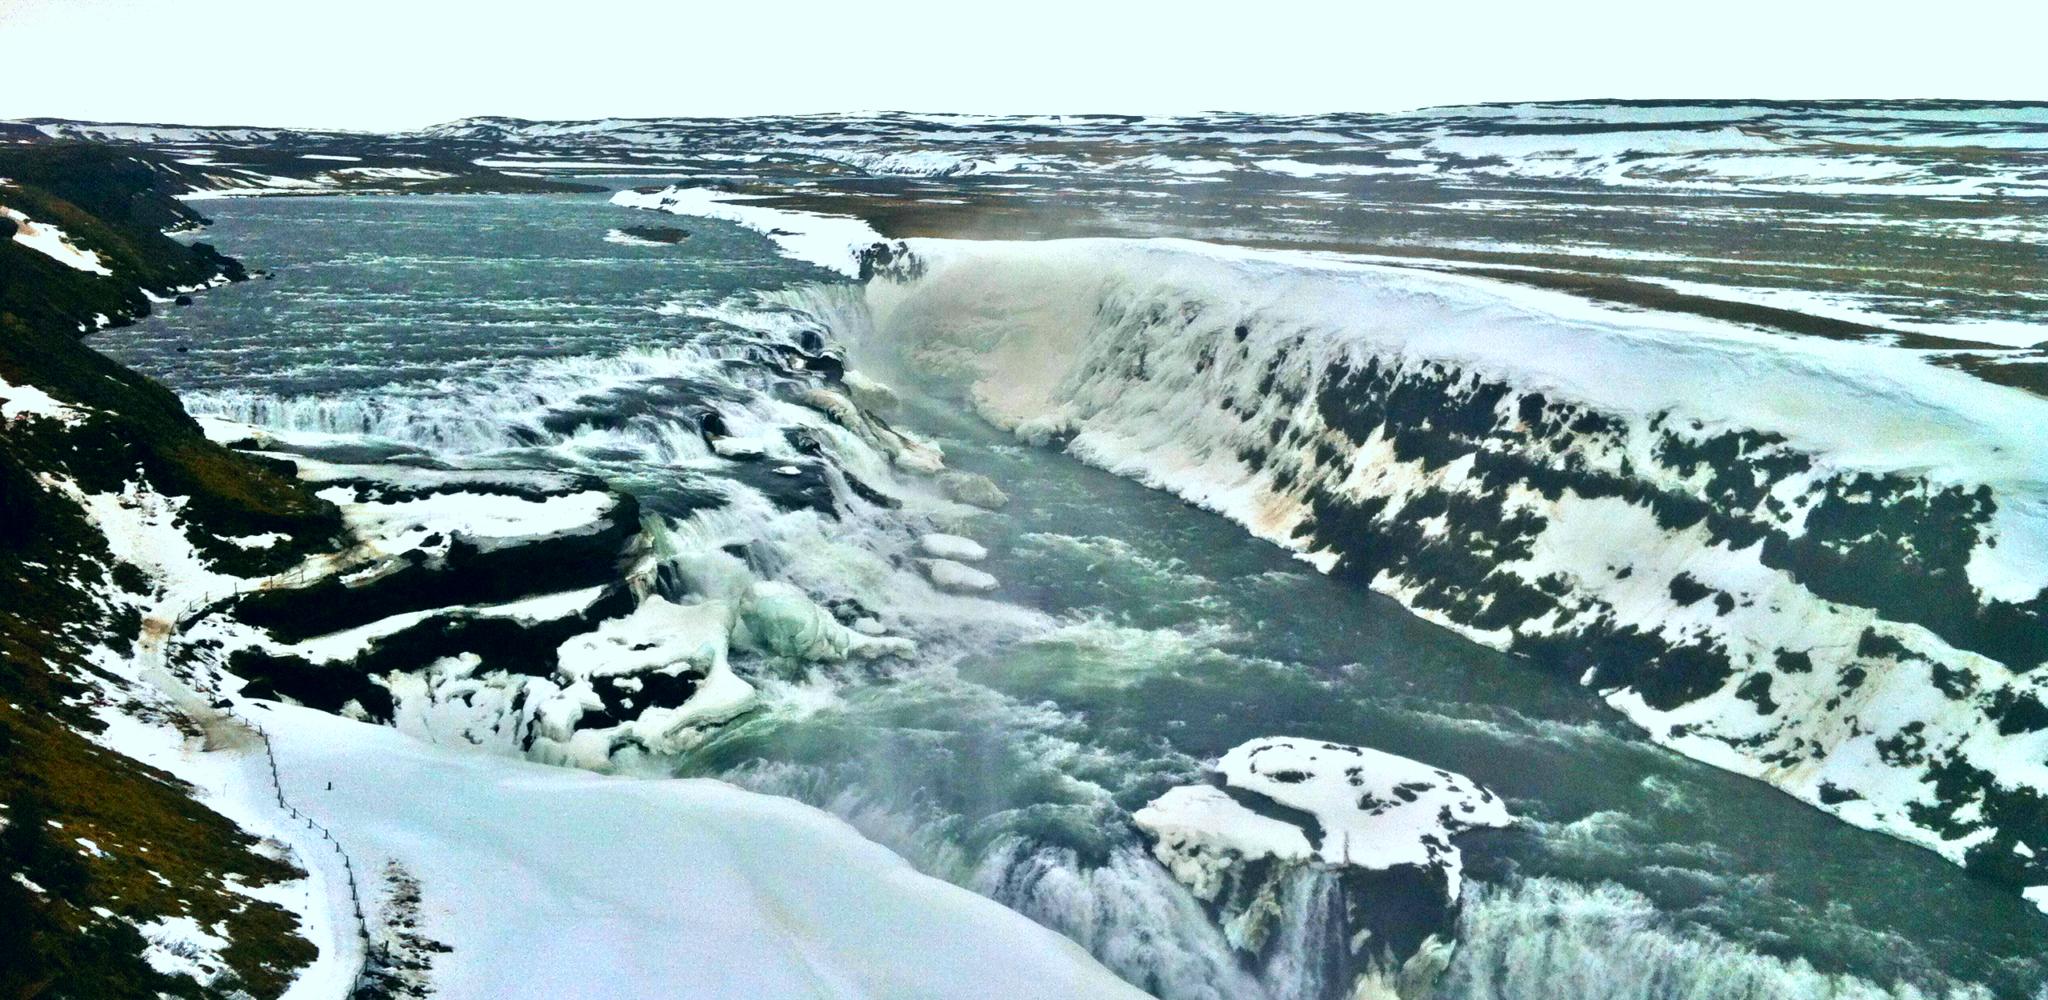 Wodospad Gullfoss na Islandii - przewodnik